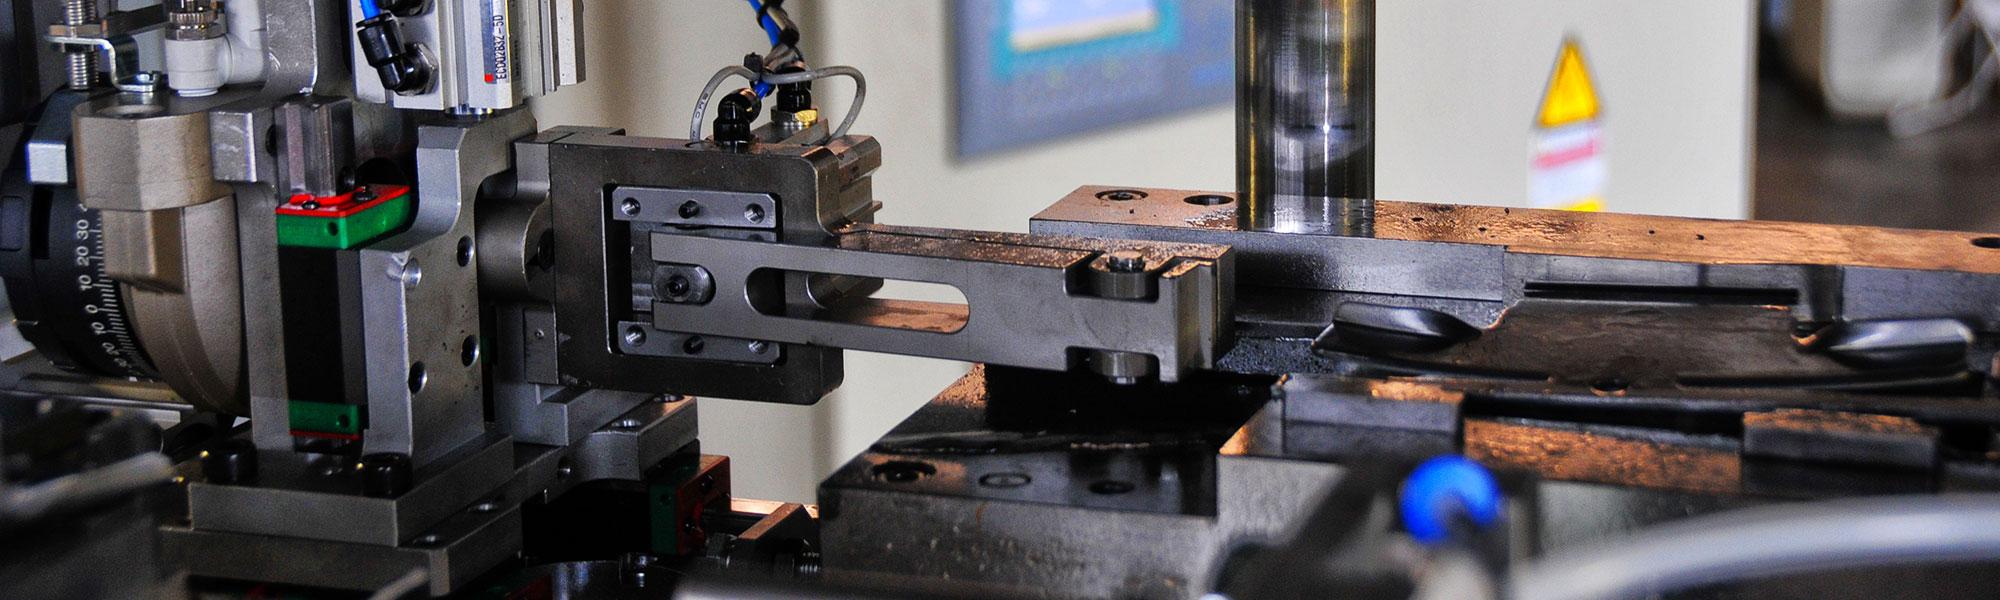 Servizio di tranciatura metalli e lamiere - Gima Spa